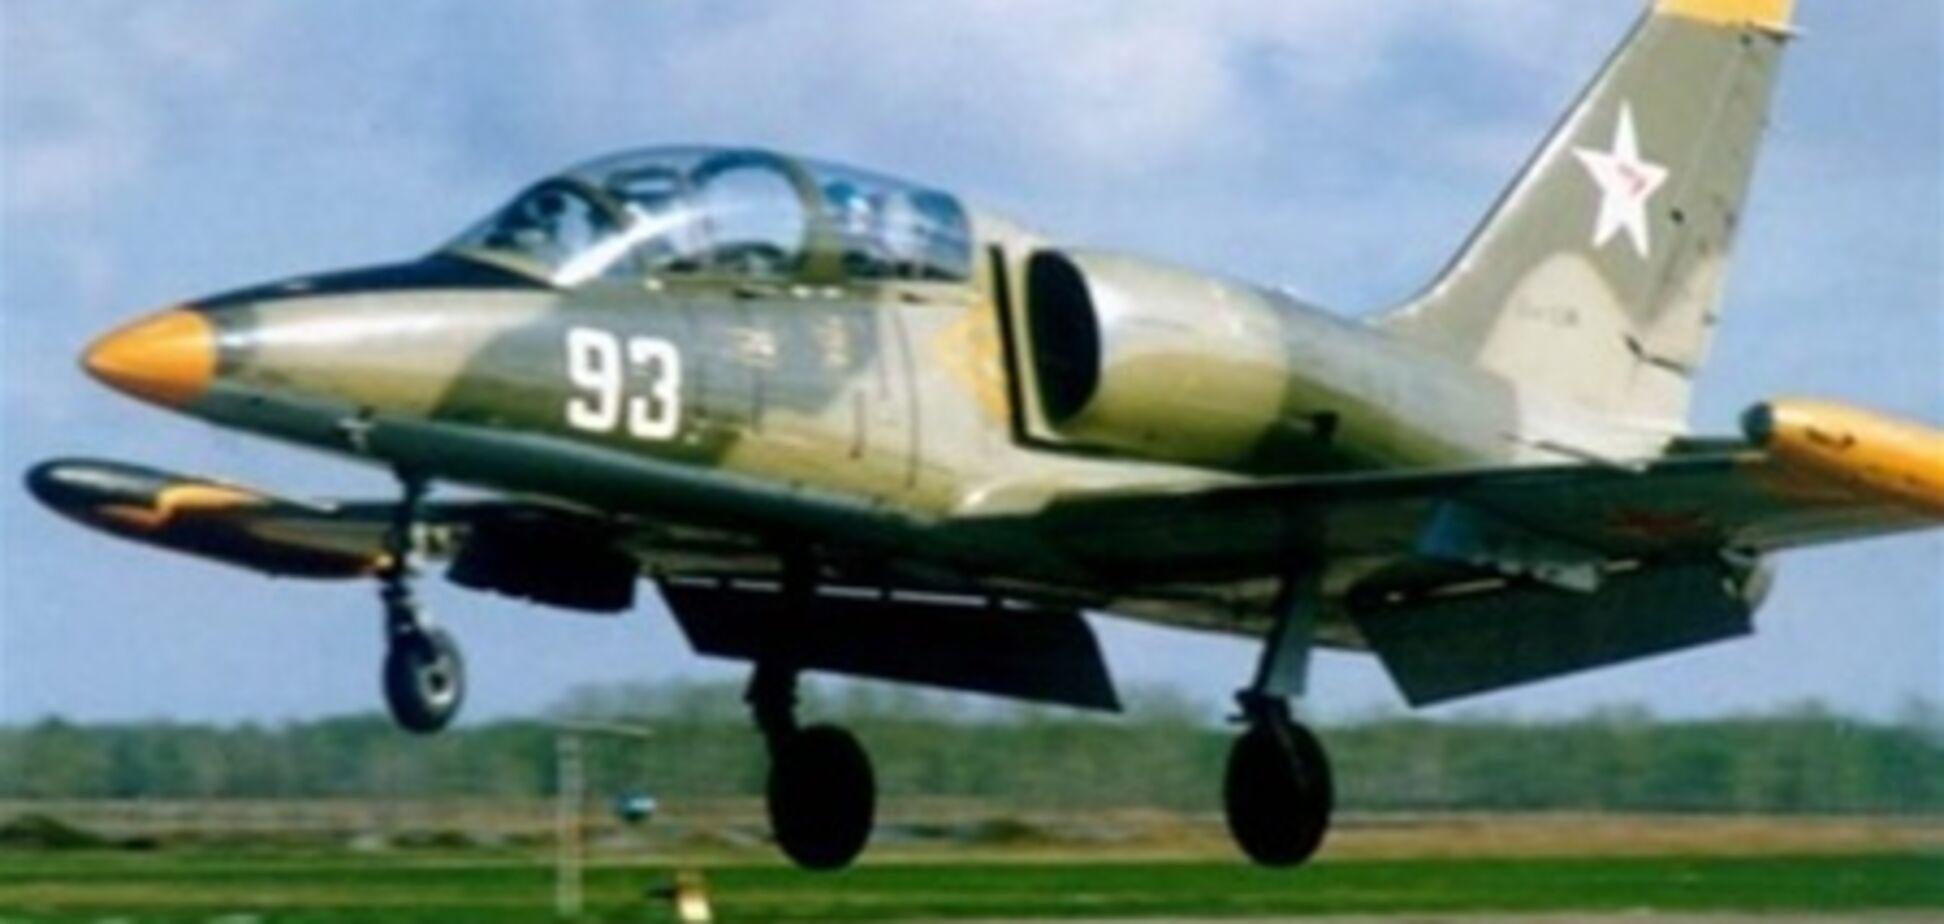 Погибший под Харьковом пилот совершал первый самостоятельный полет